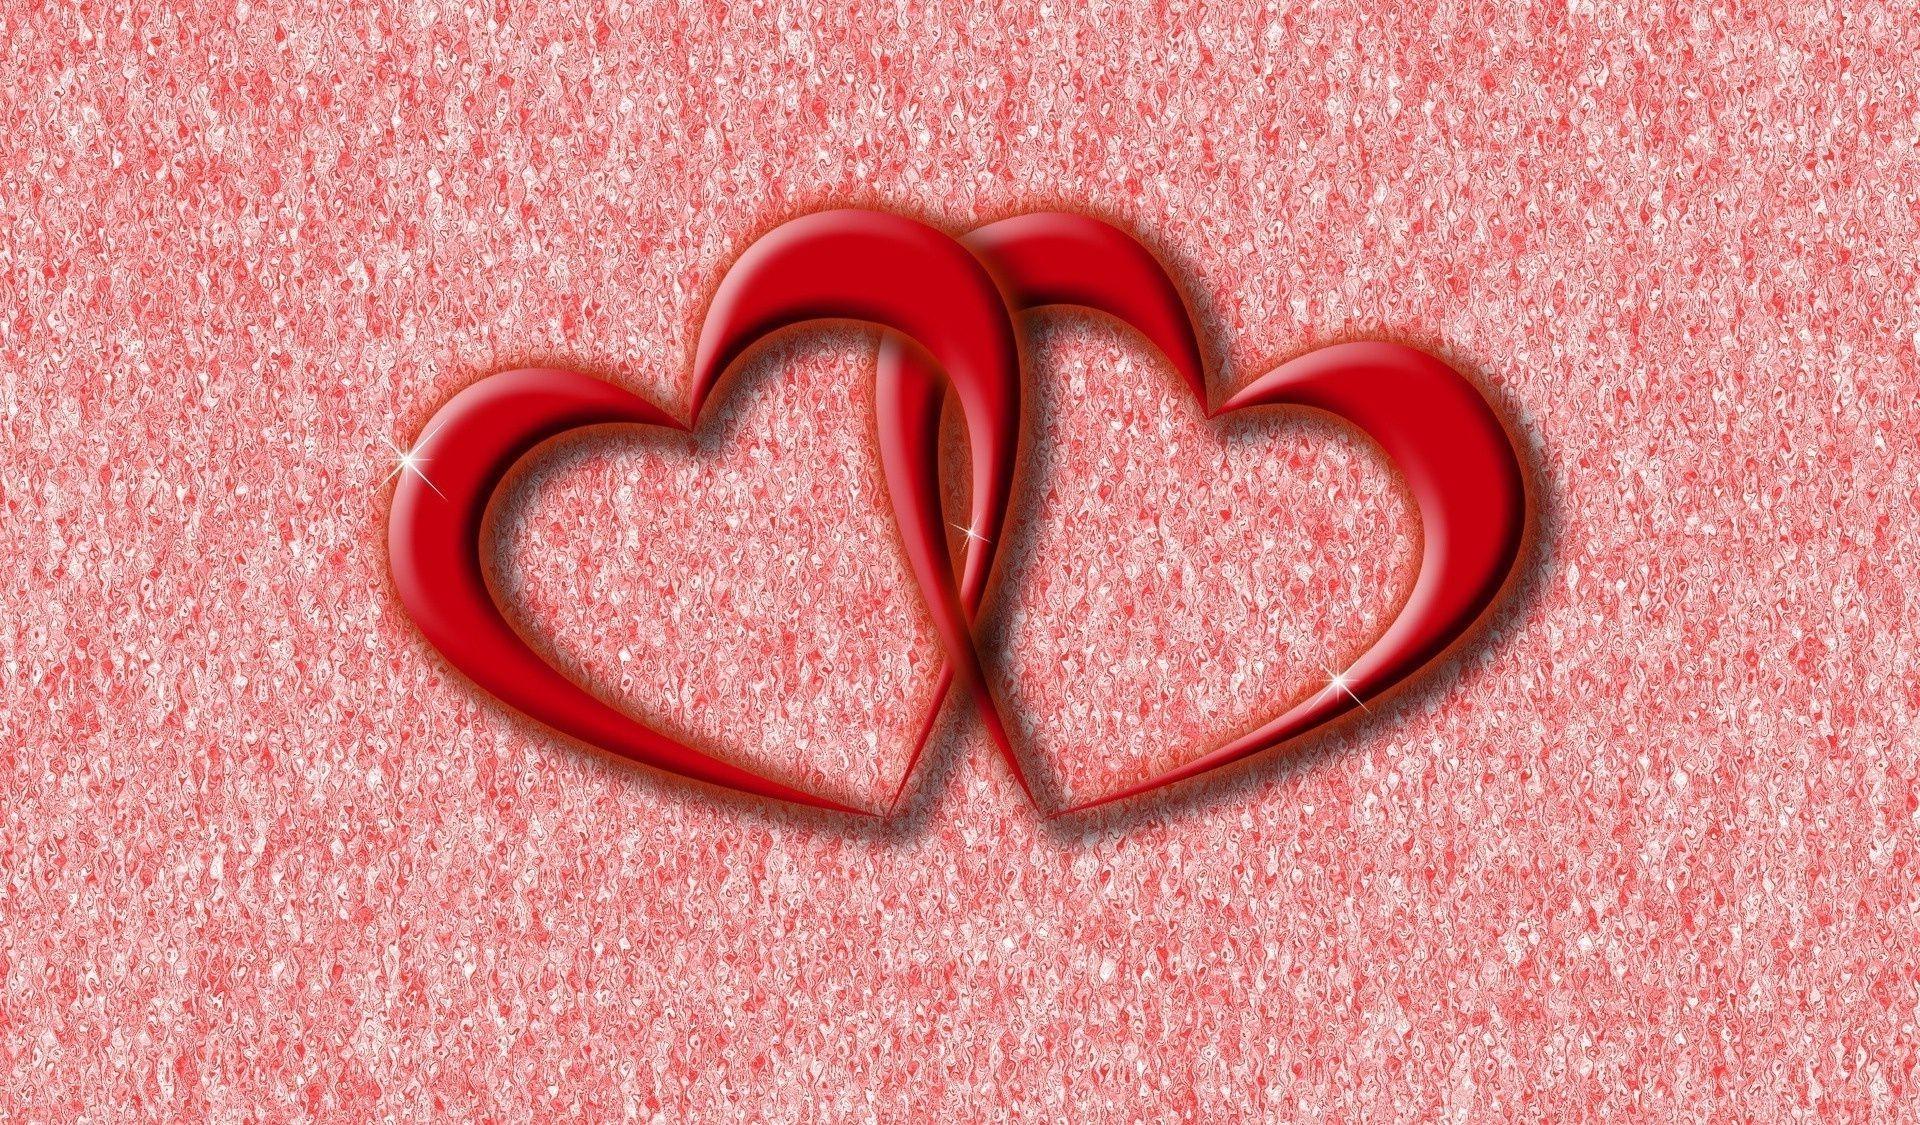 картинки сердце для рабочего стола любящих сердца